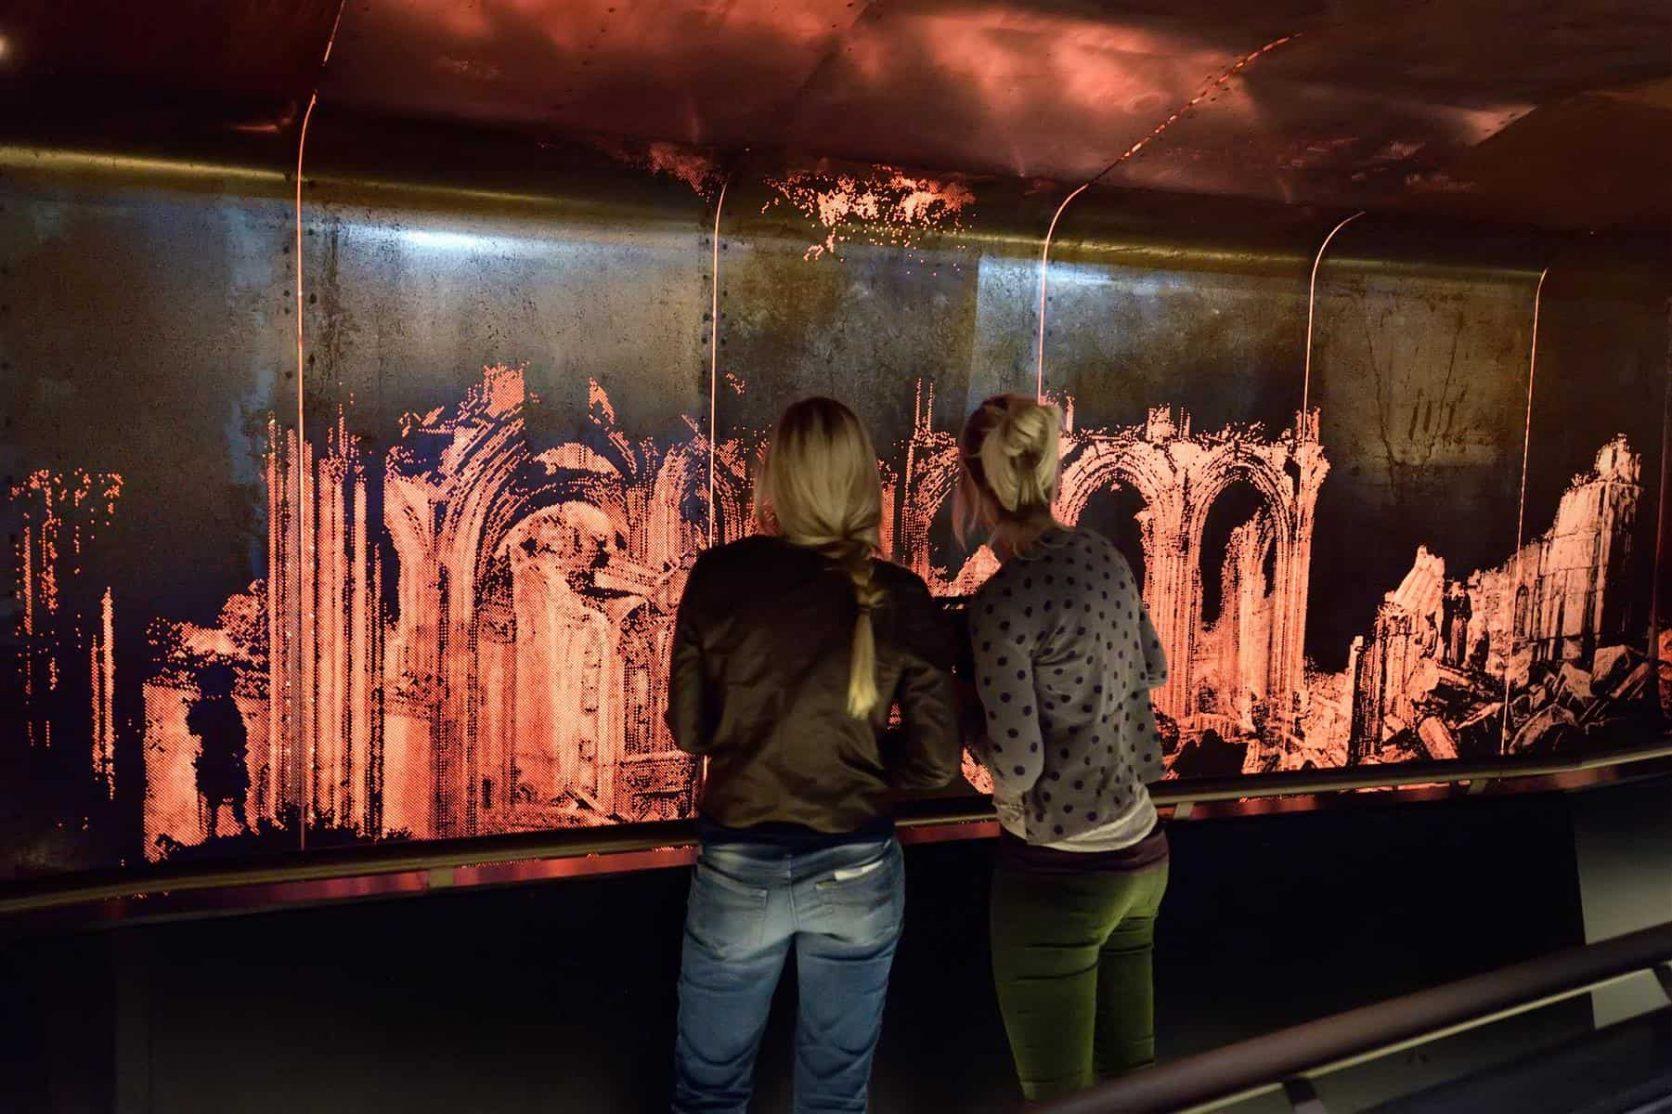 Overzichtsfoto van de wandbekleding van cortenstaal met patroon bij de Domunder in Utrecht